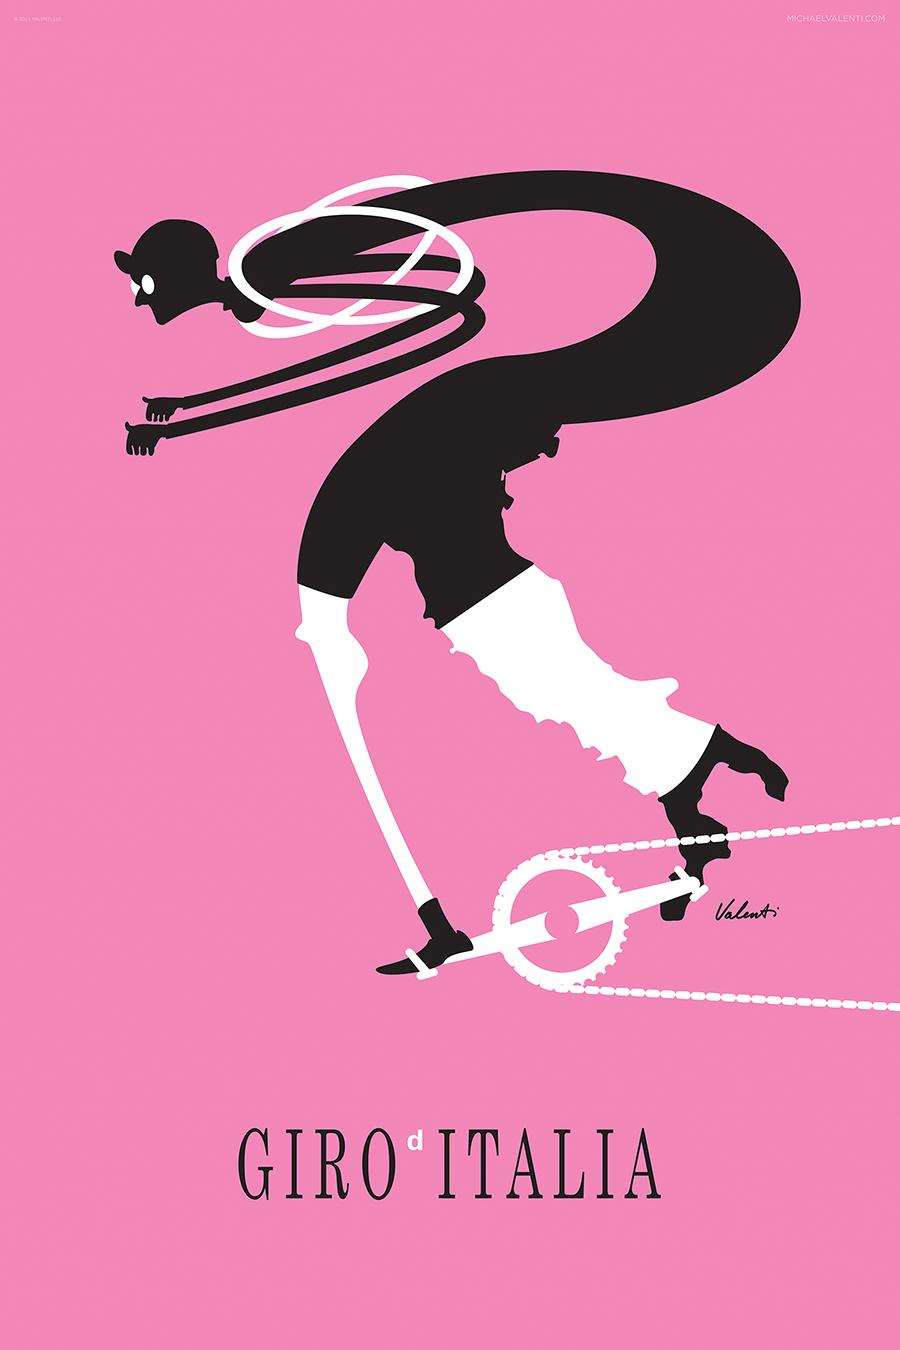 Giro x900 copy.jpg